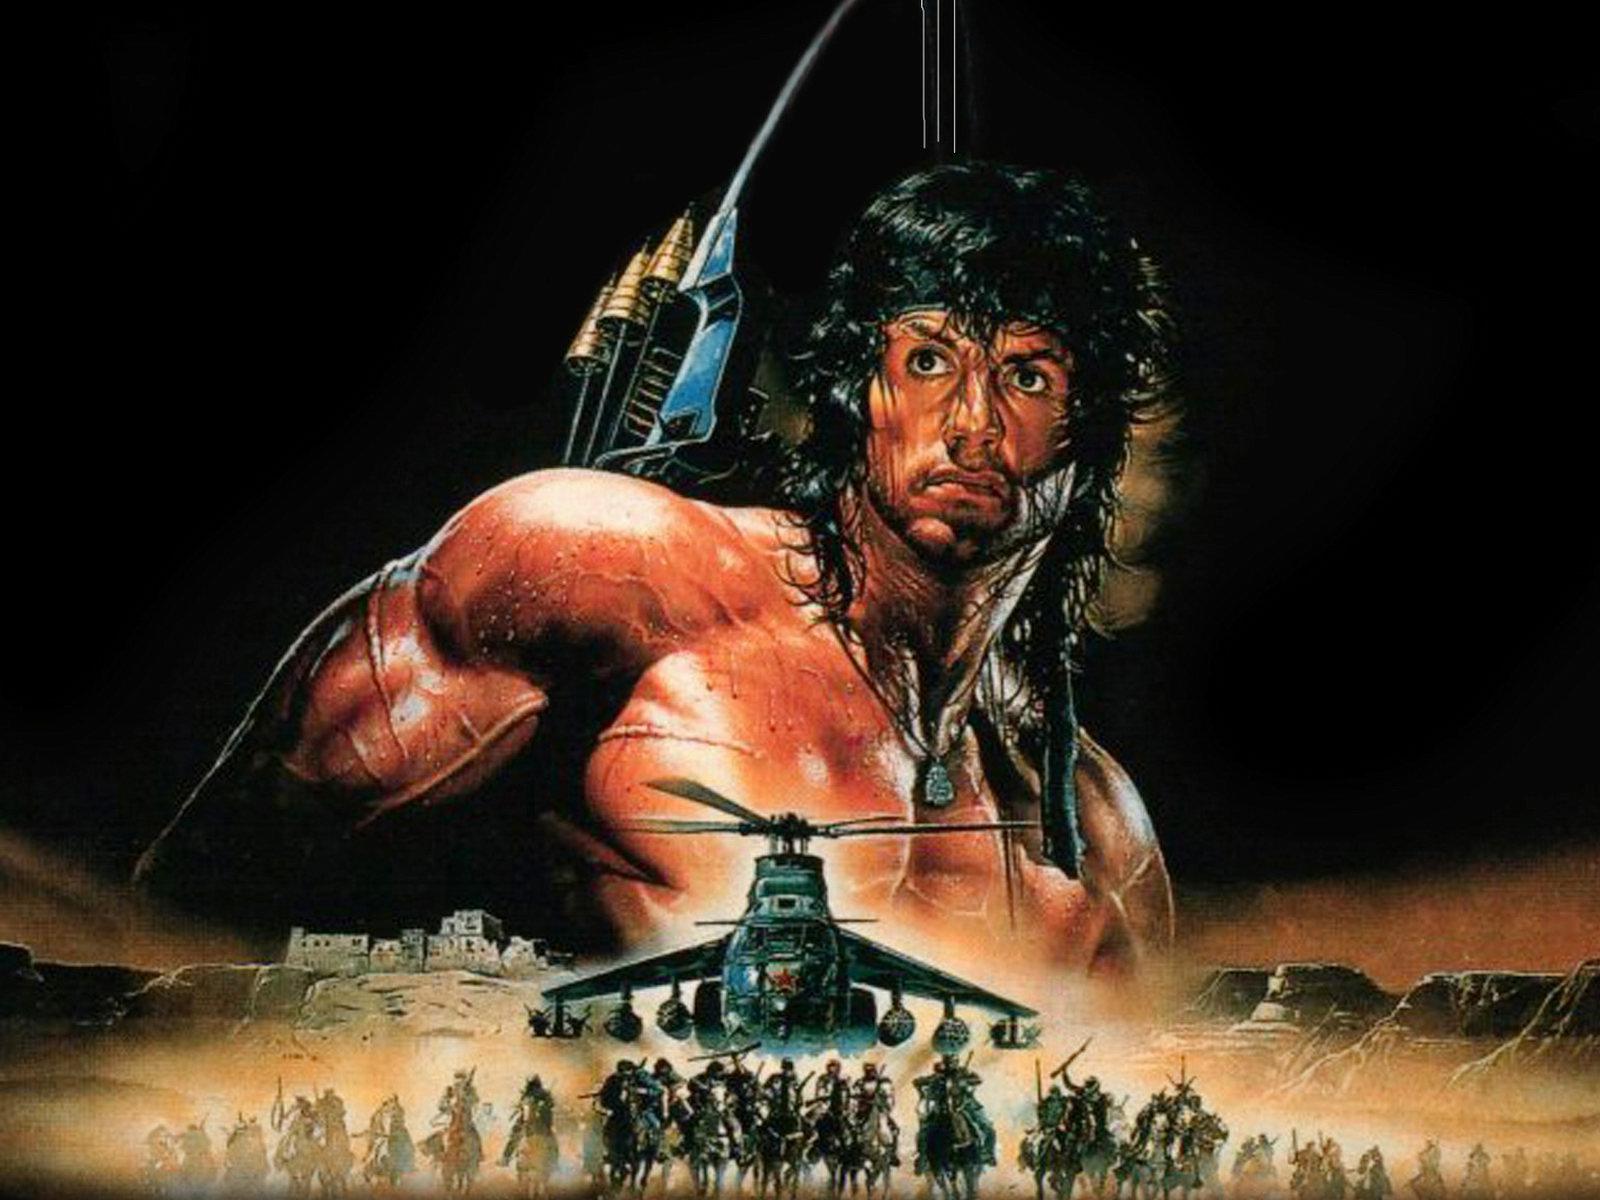 John Rambo on Rambo III | Rambo Wiki | FANDOM powered by Wikia